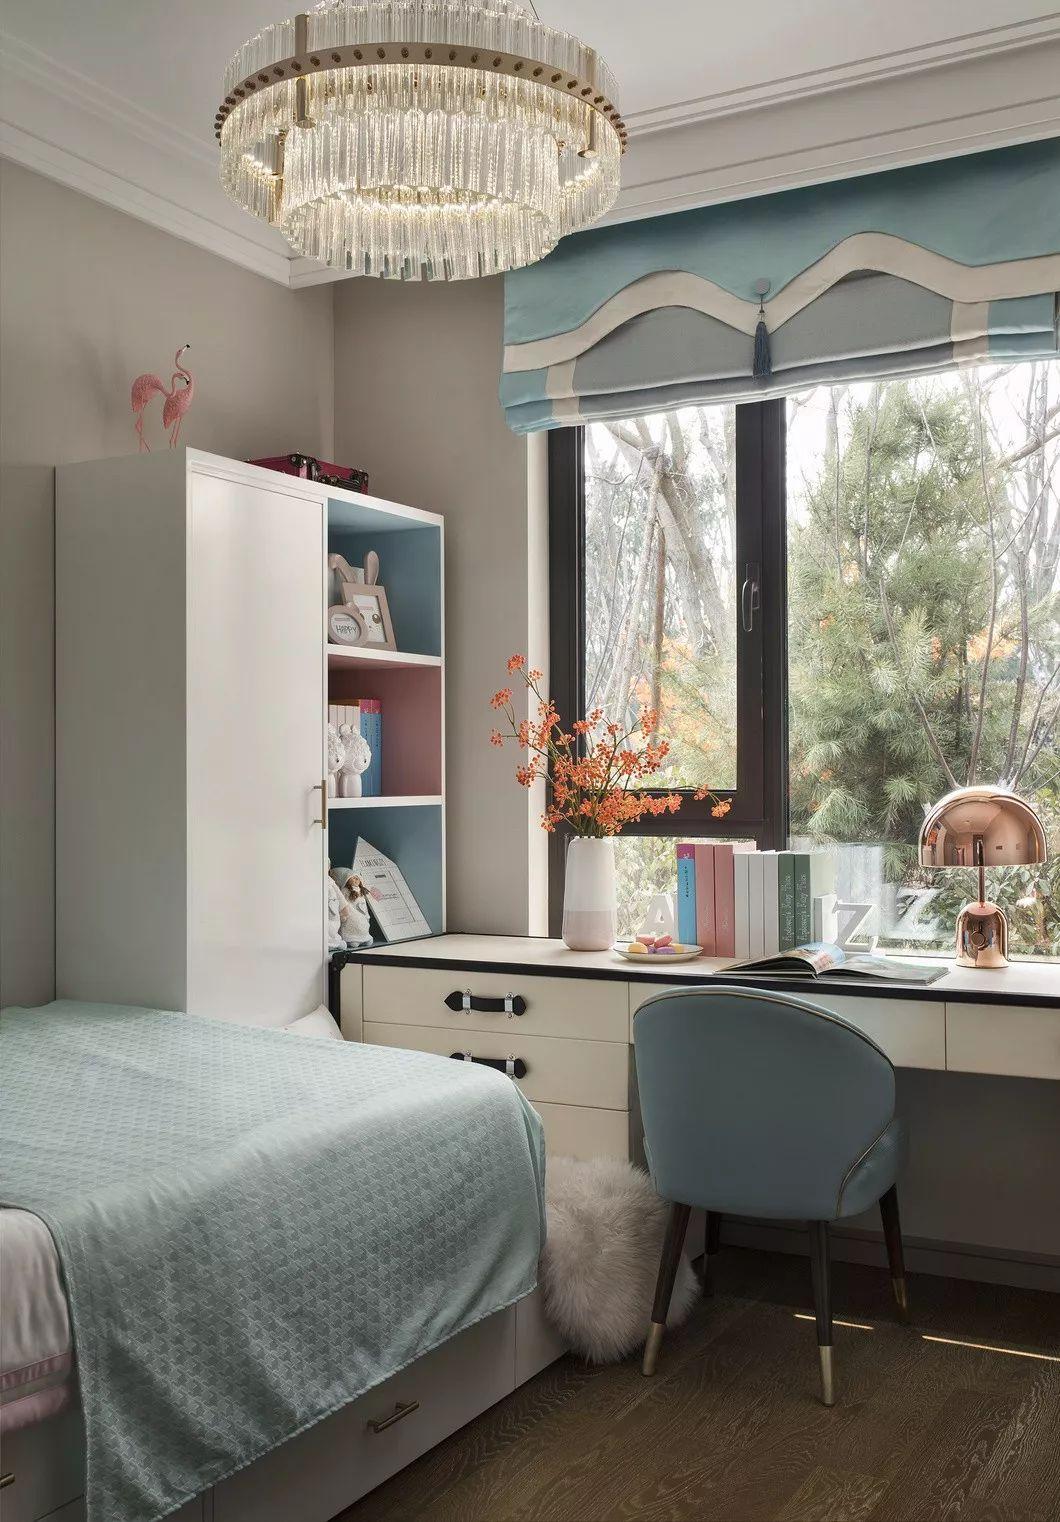 浅粉、马卡龙蓝色与柔和的奶白色,清新、微甜,奠定了空间轻松的基调,稚拙的原木地板平衡了空间明度。